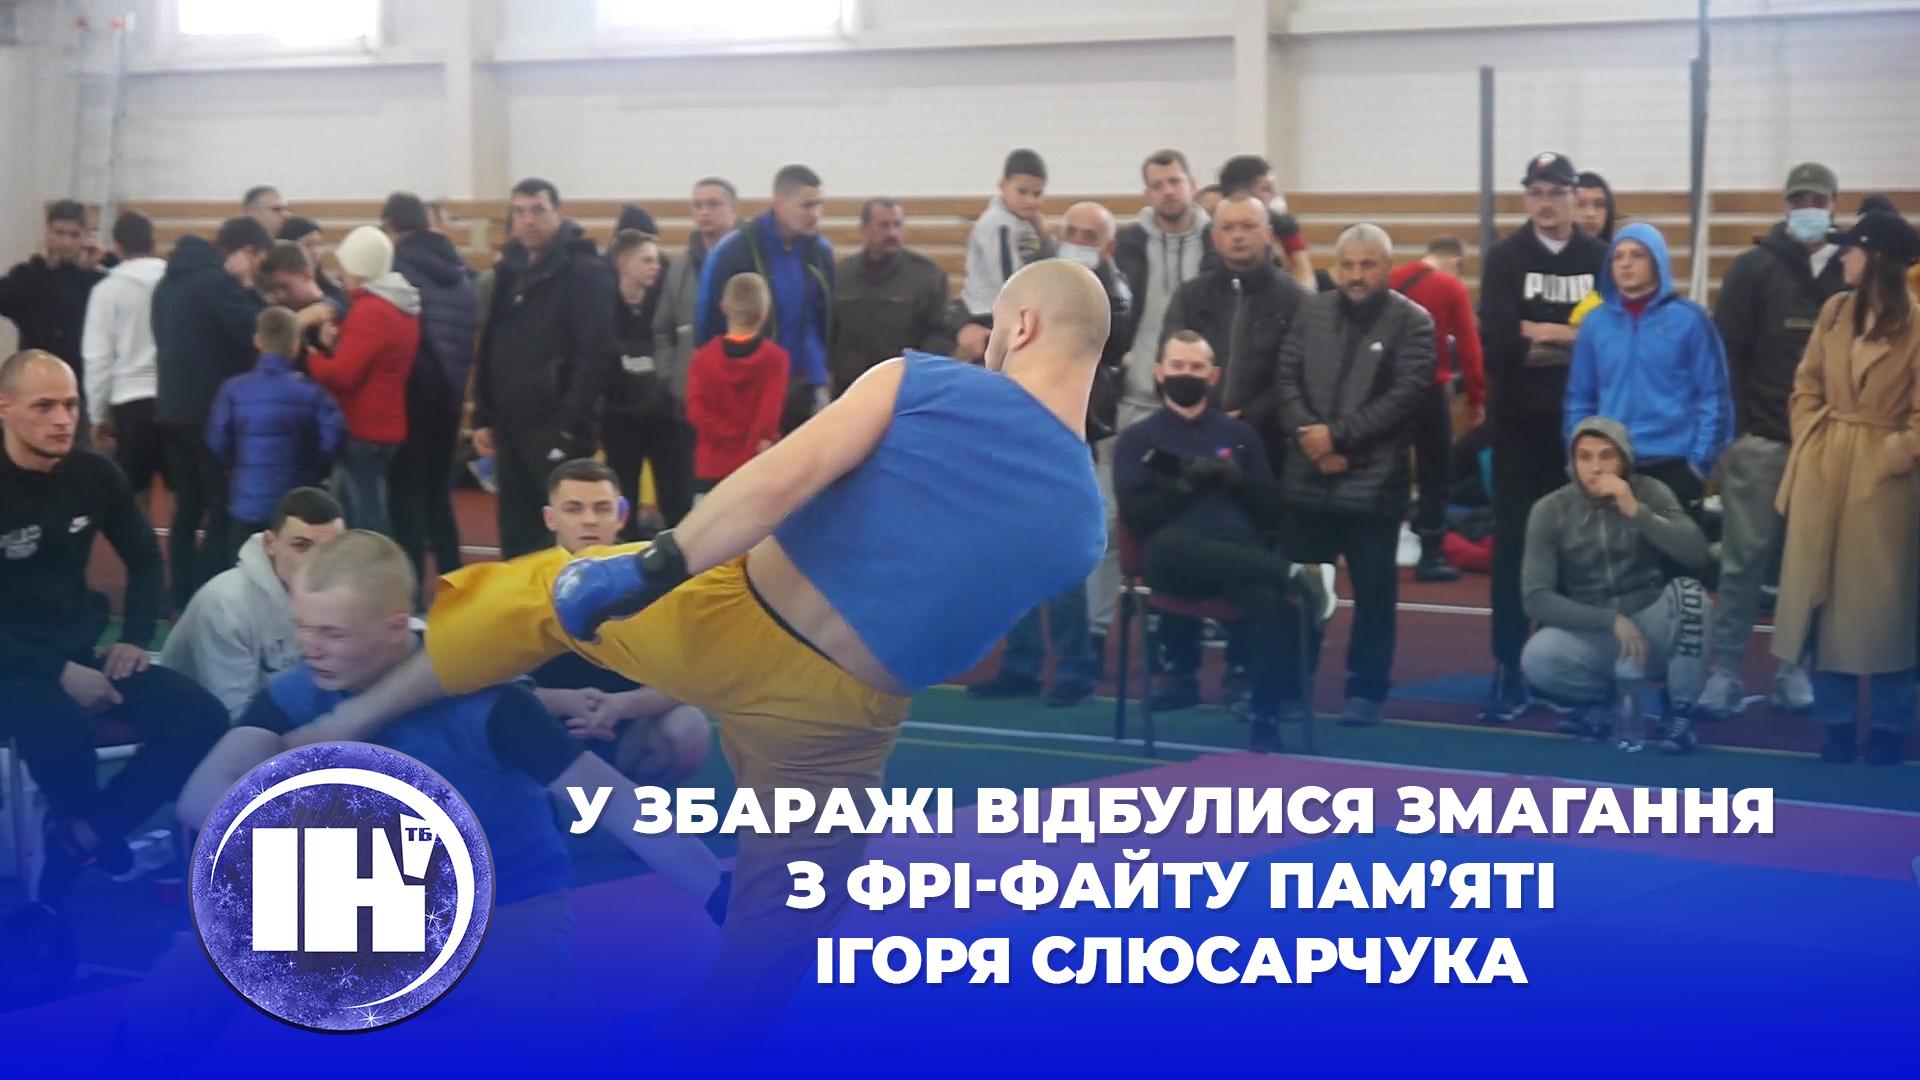 У Збаражі відбулися змагання з фрі-файту пам'яті Ігоря Слюсарчука